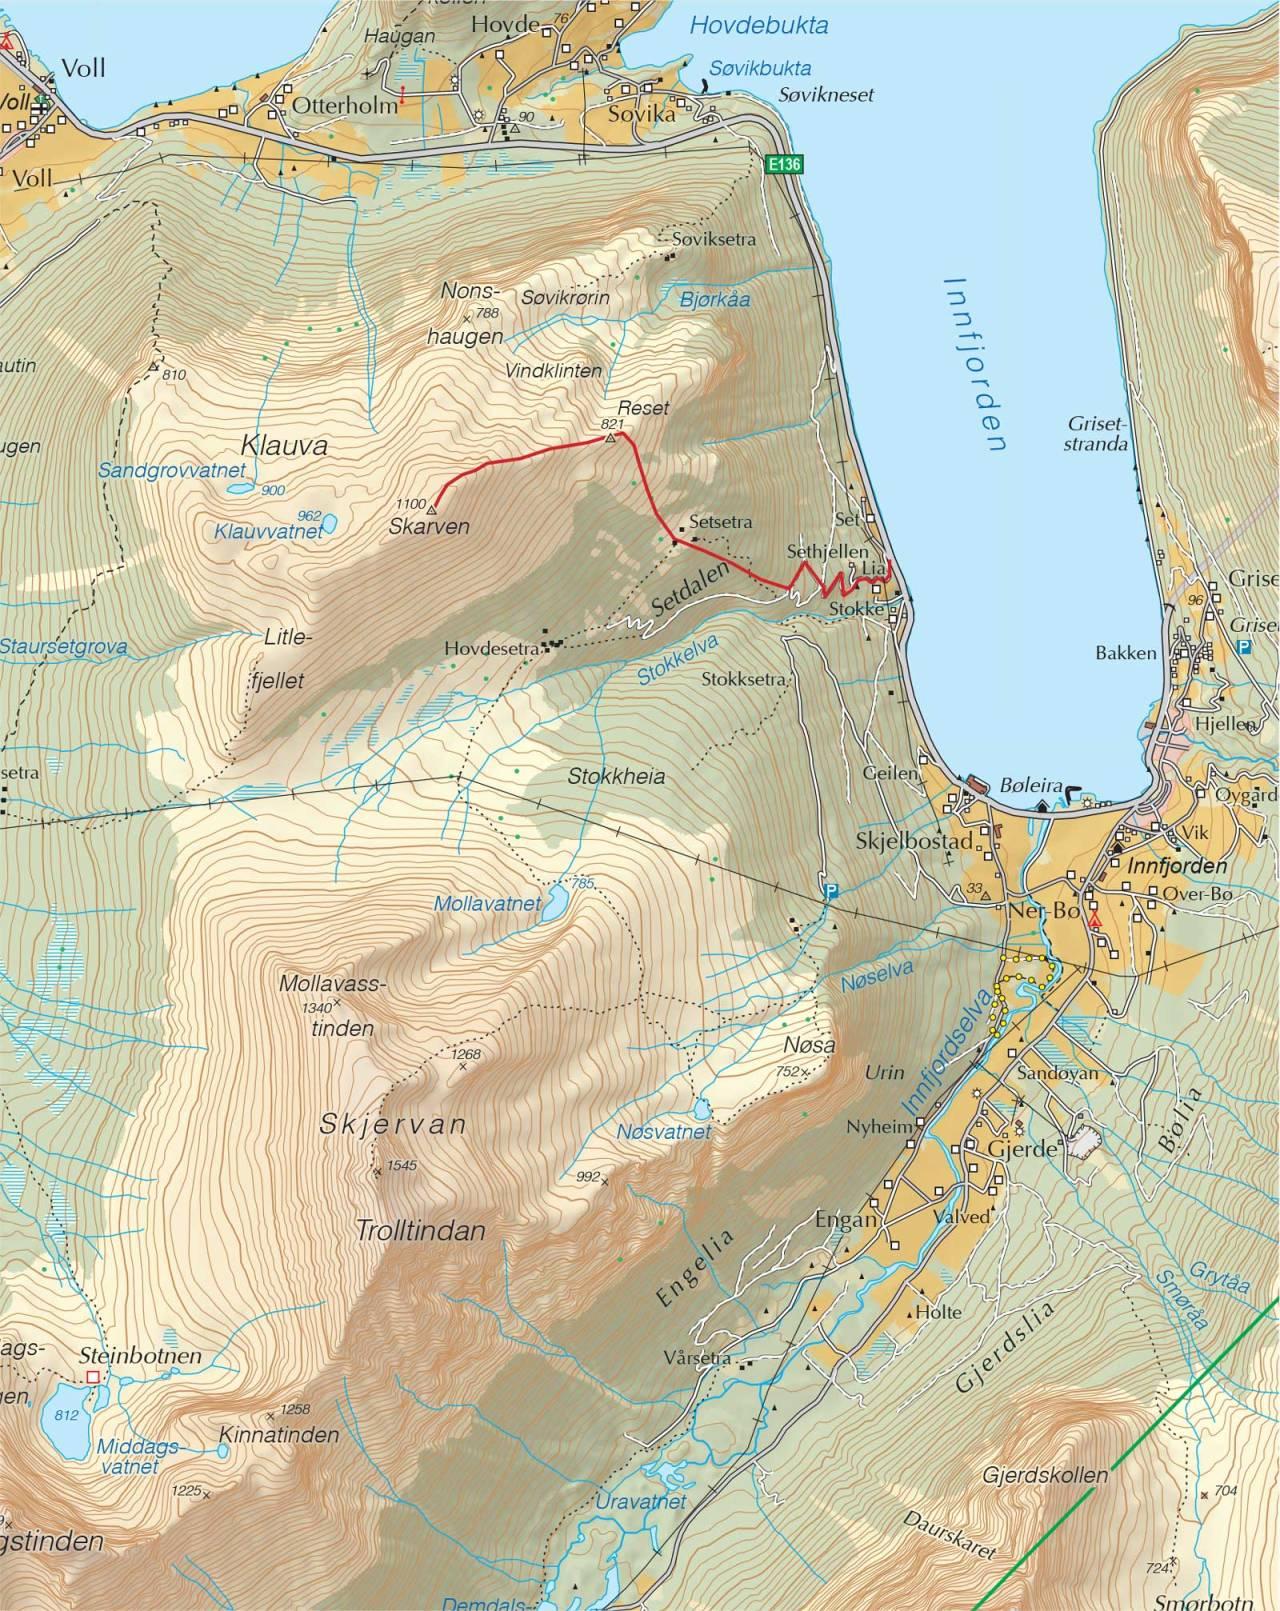 Kart over Skarven, Innfjorden med inntegnet rute. Fra Trygge toppturer.